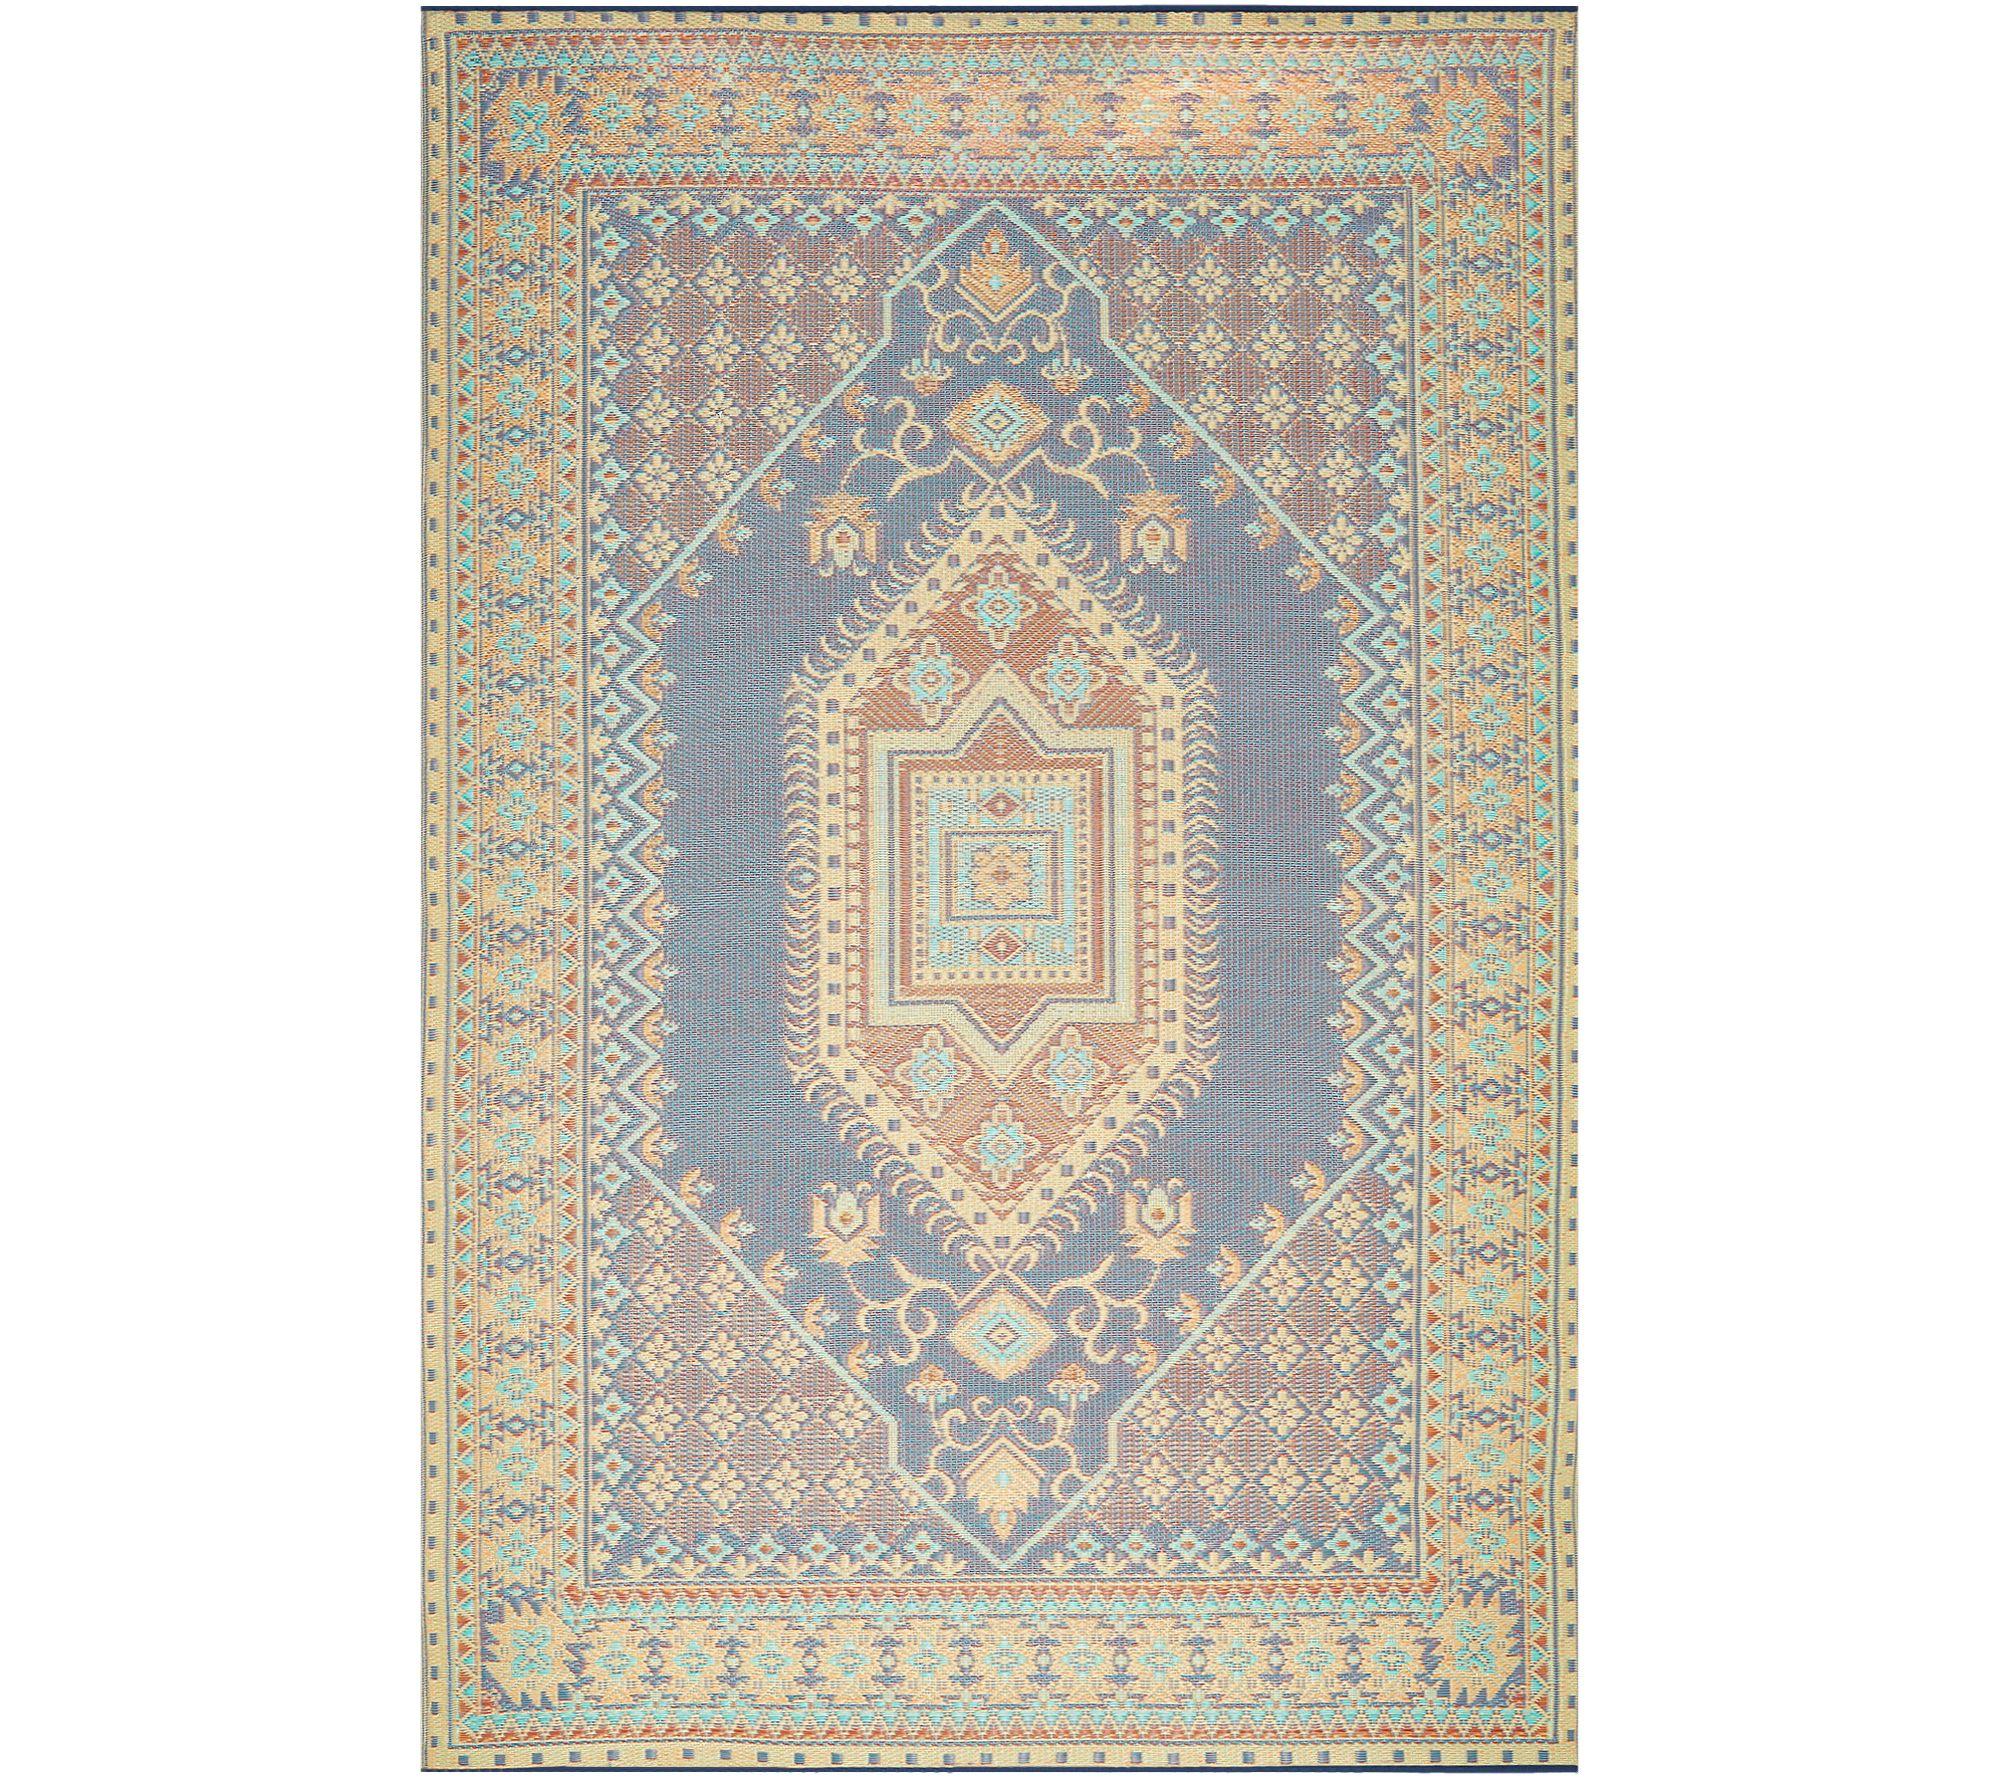 Mad Mats 6' x 9' Turkish Indoor/Outdoor Reversible Floor Mat